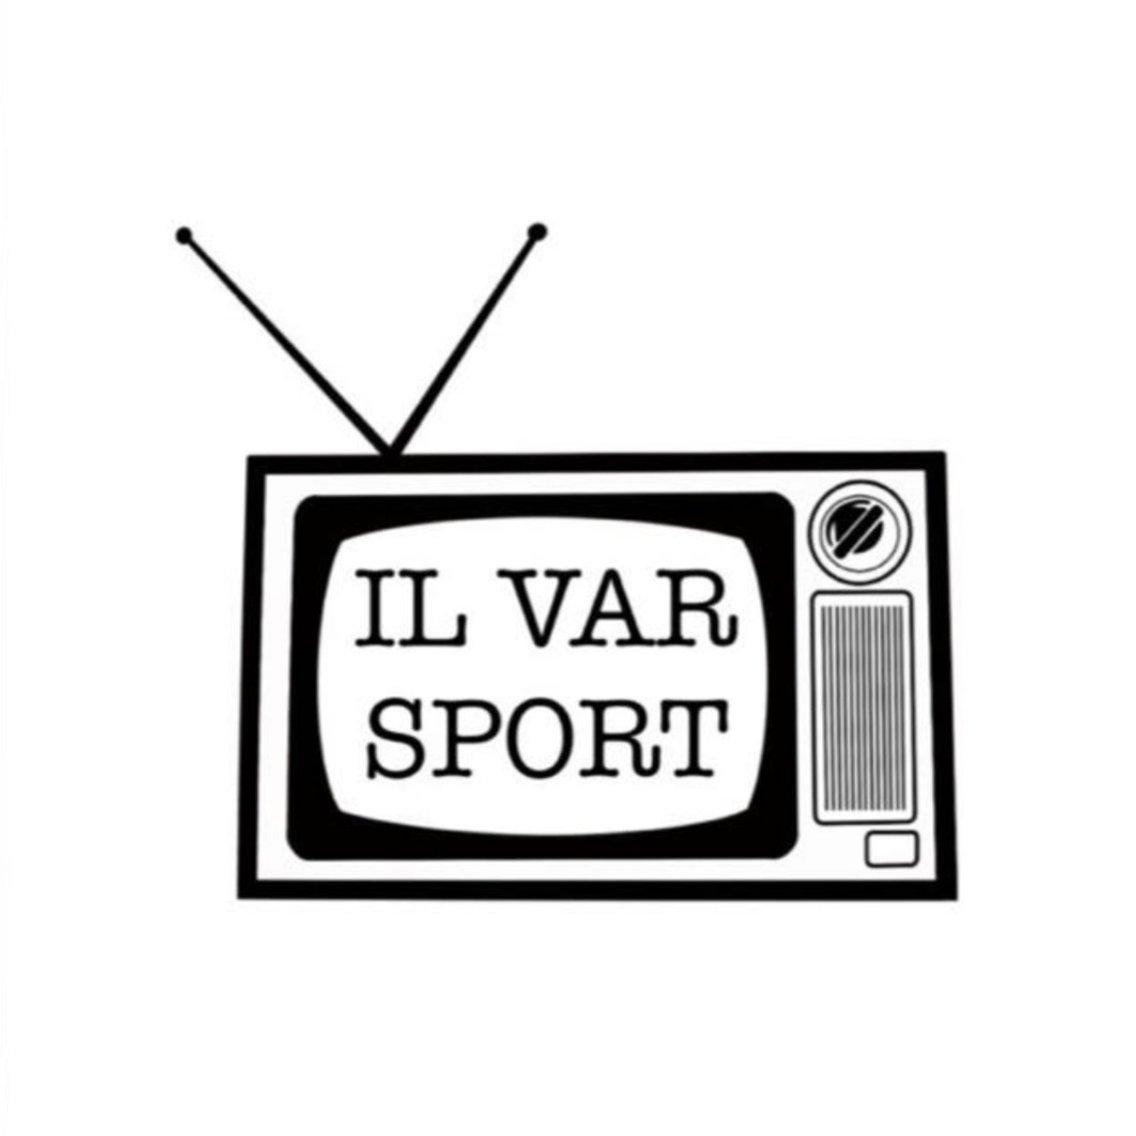 Il Var Sport - immagine di copertina